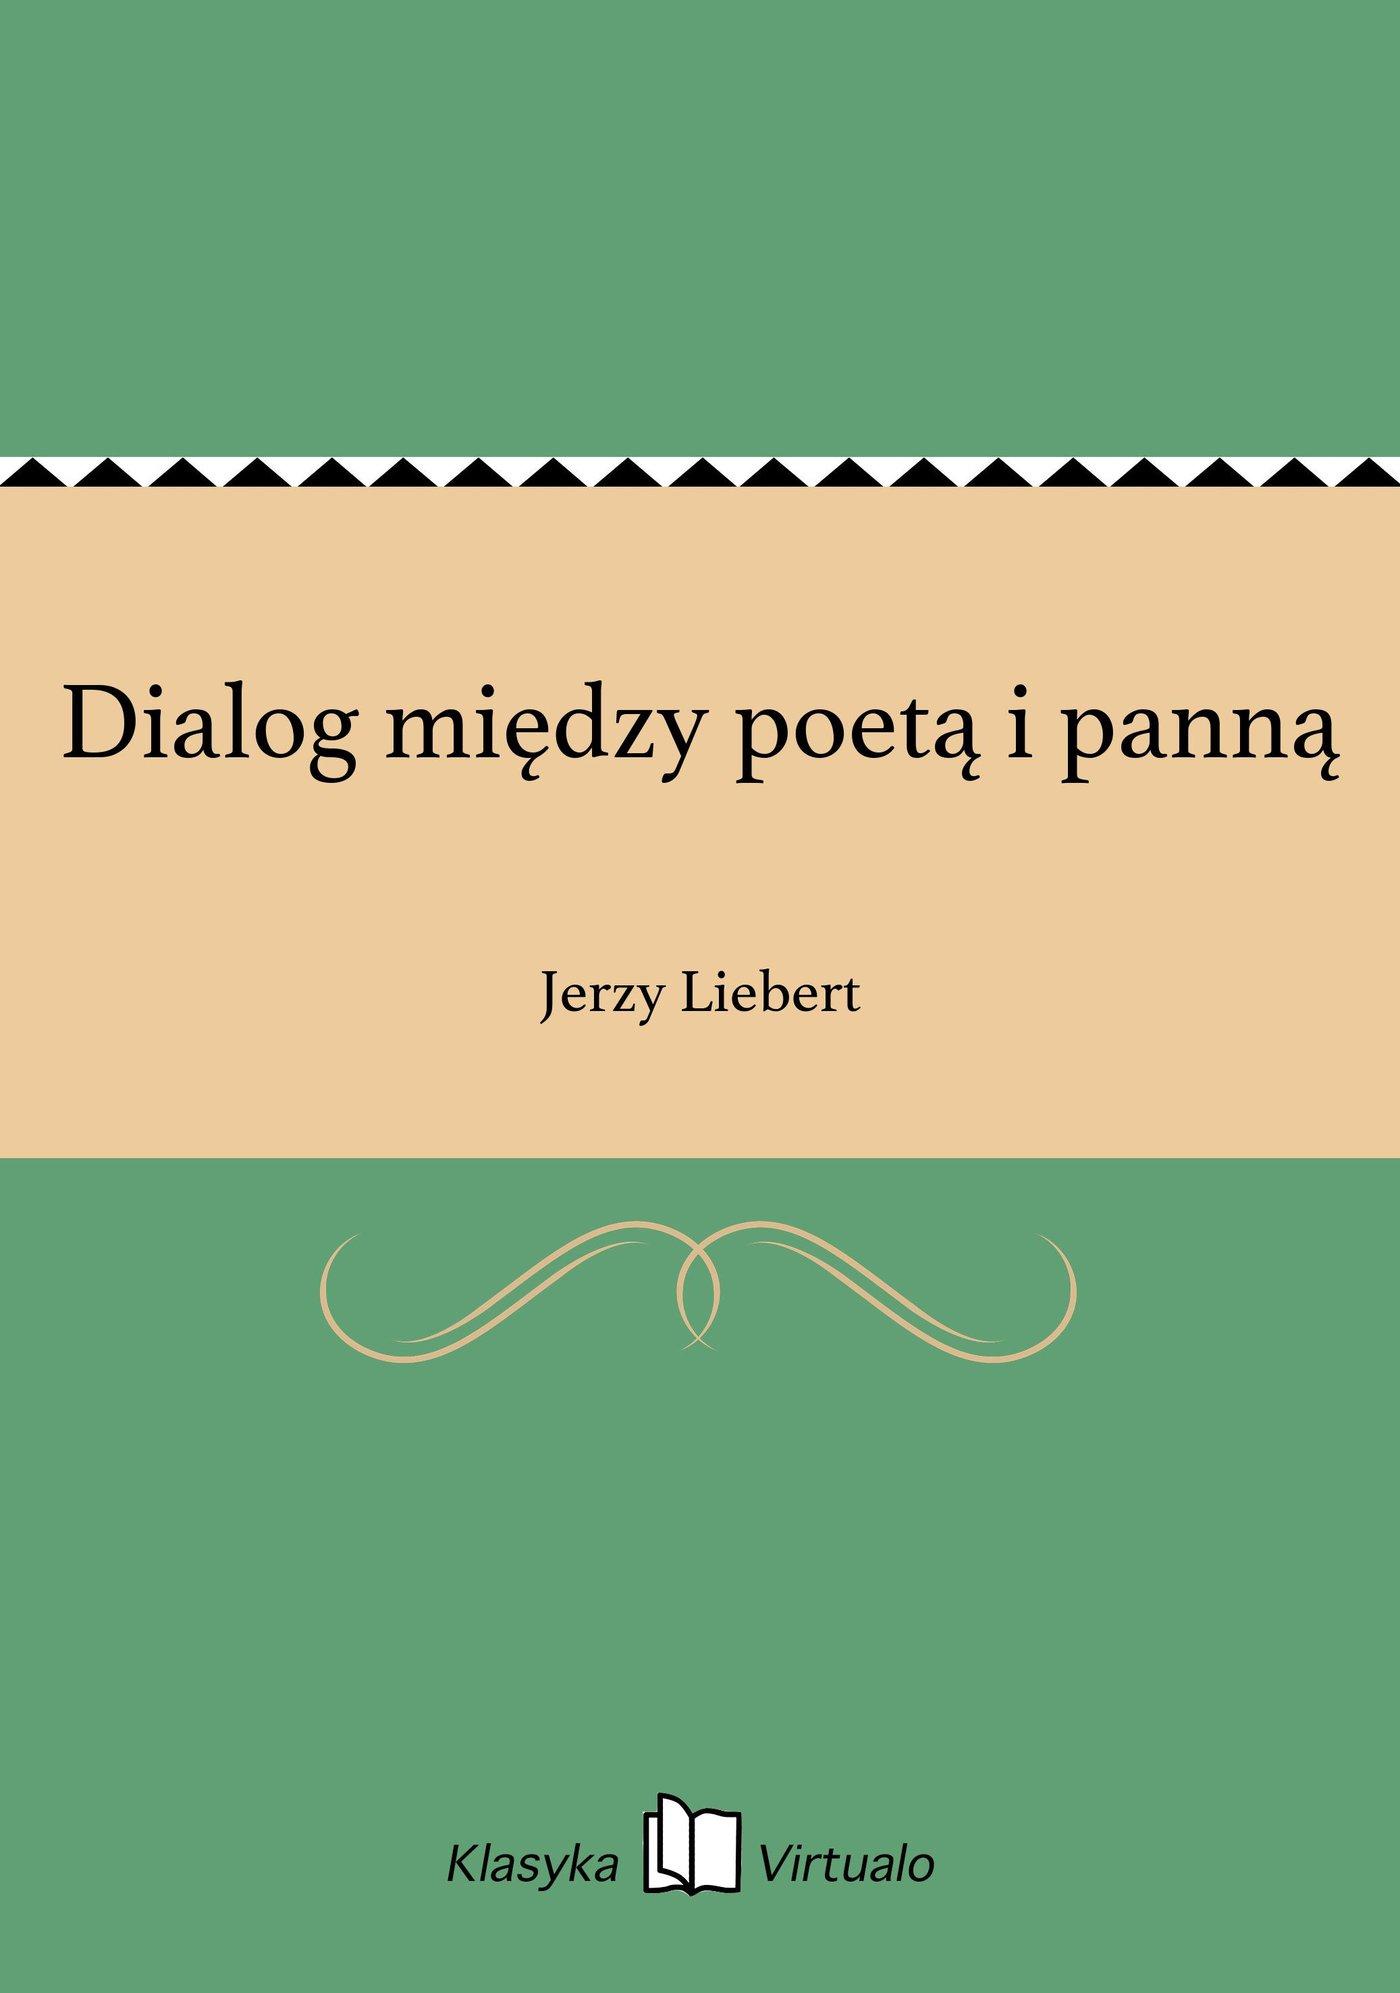 Dialog między poetą i panną - Ebook (Książka na Kindle) do pobrania w formacie MOBI